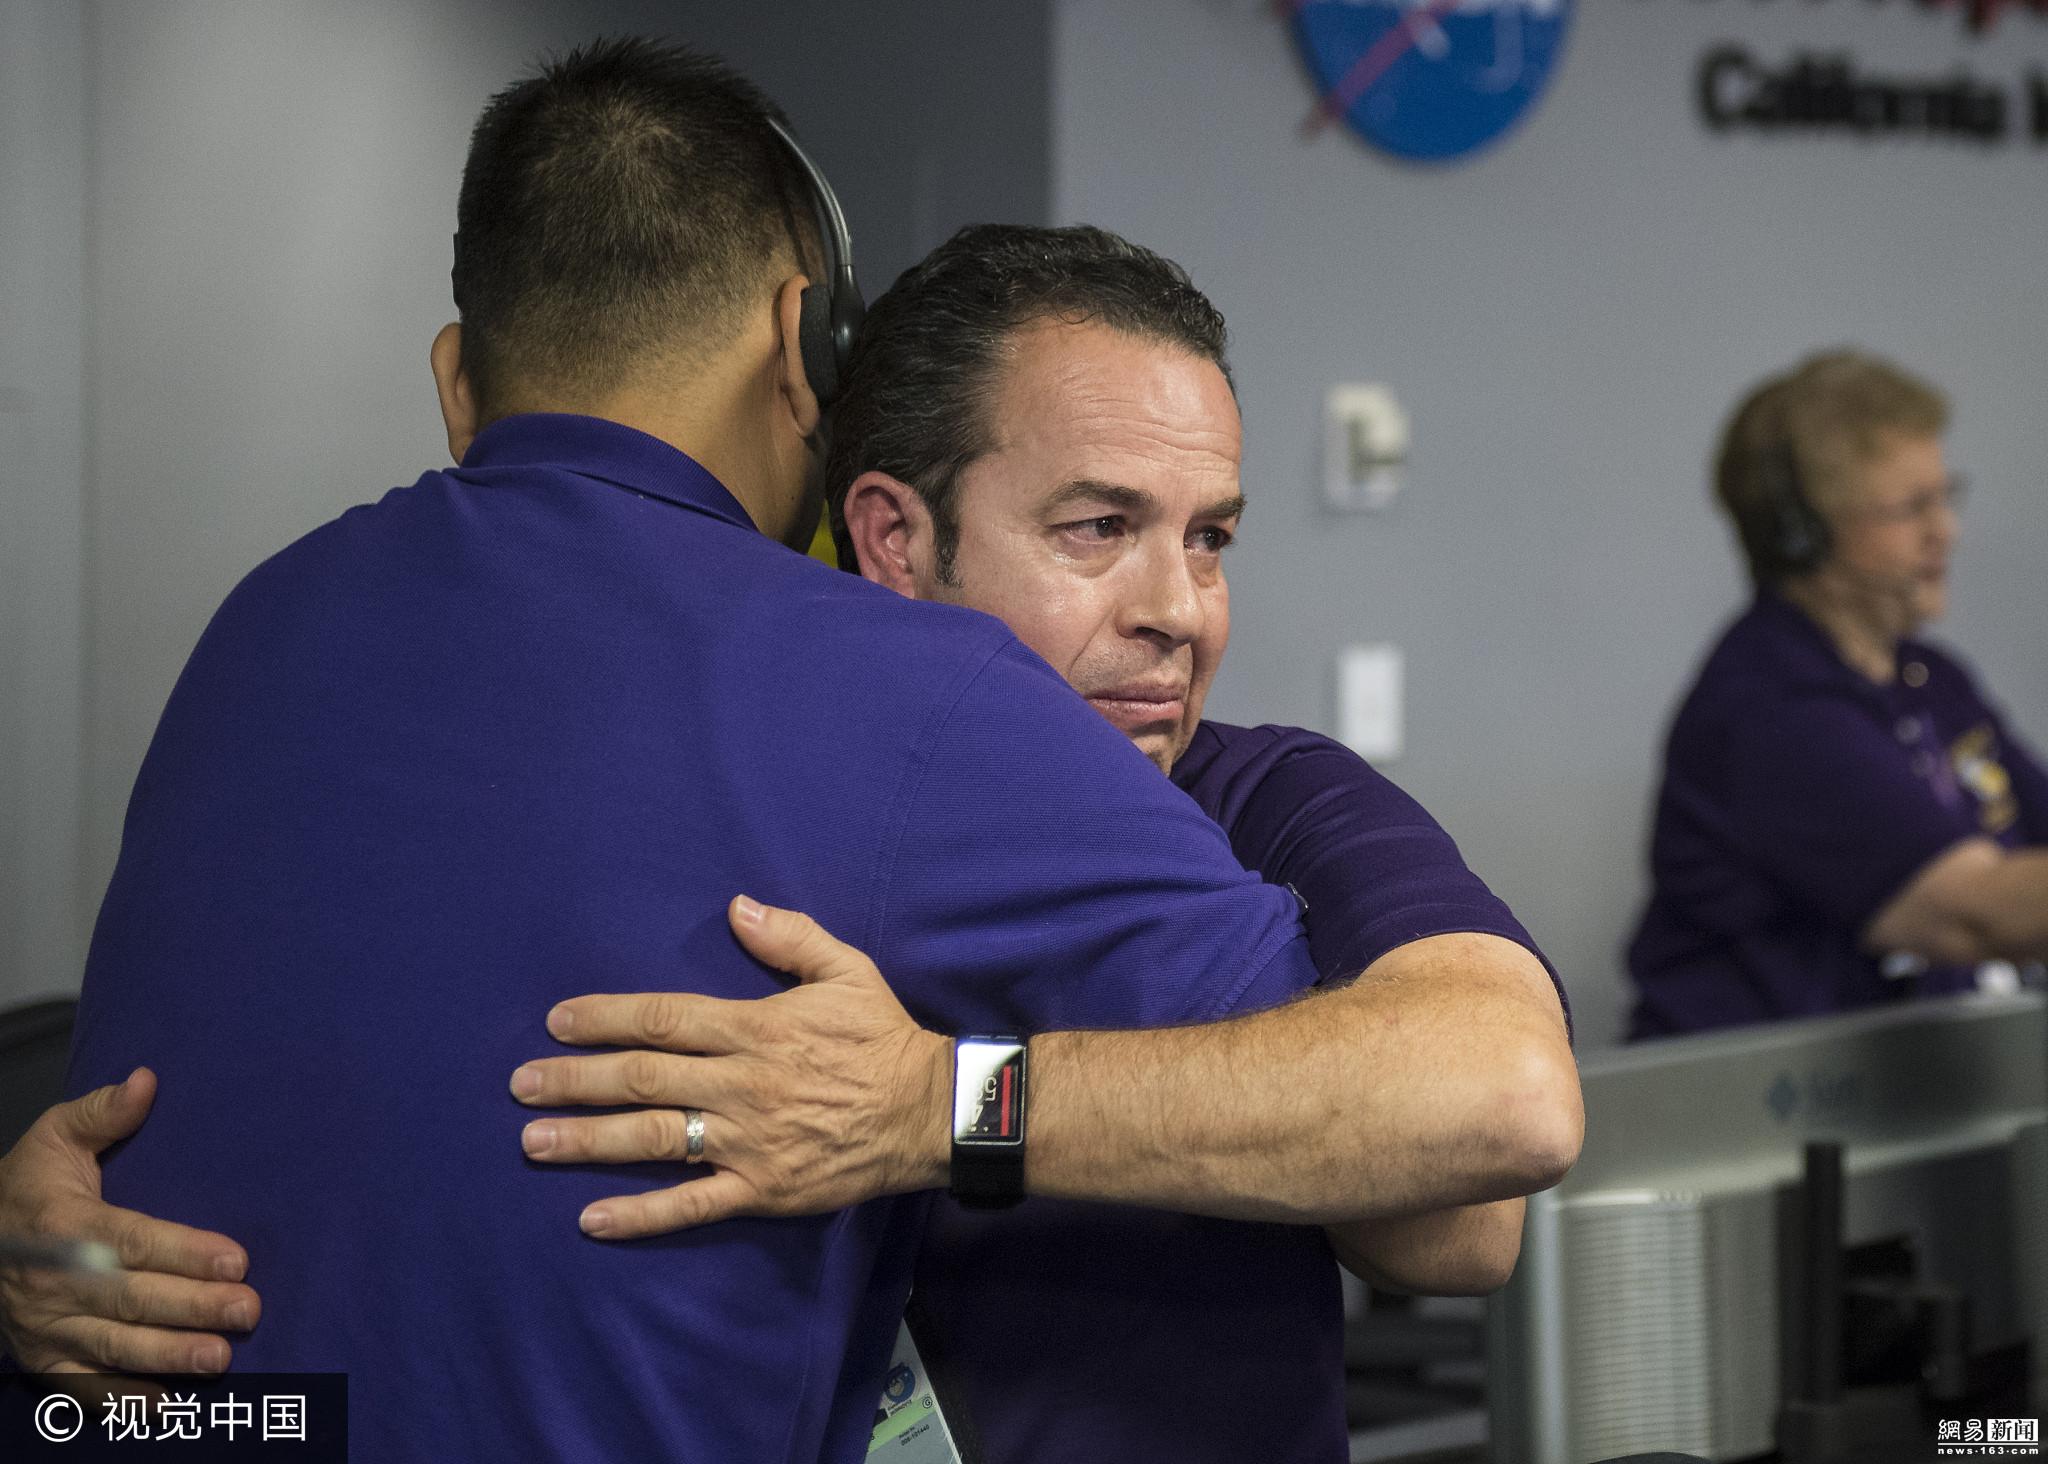 美国探测器坠入土星 指挥人员落泪欢呼 - 周公乐 - xinhua8848 的博客